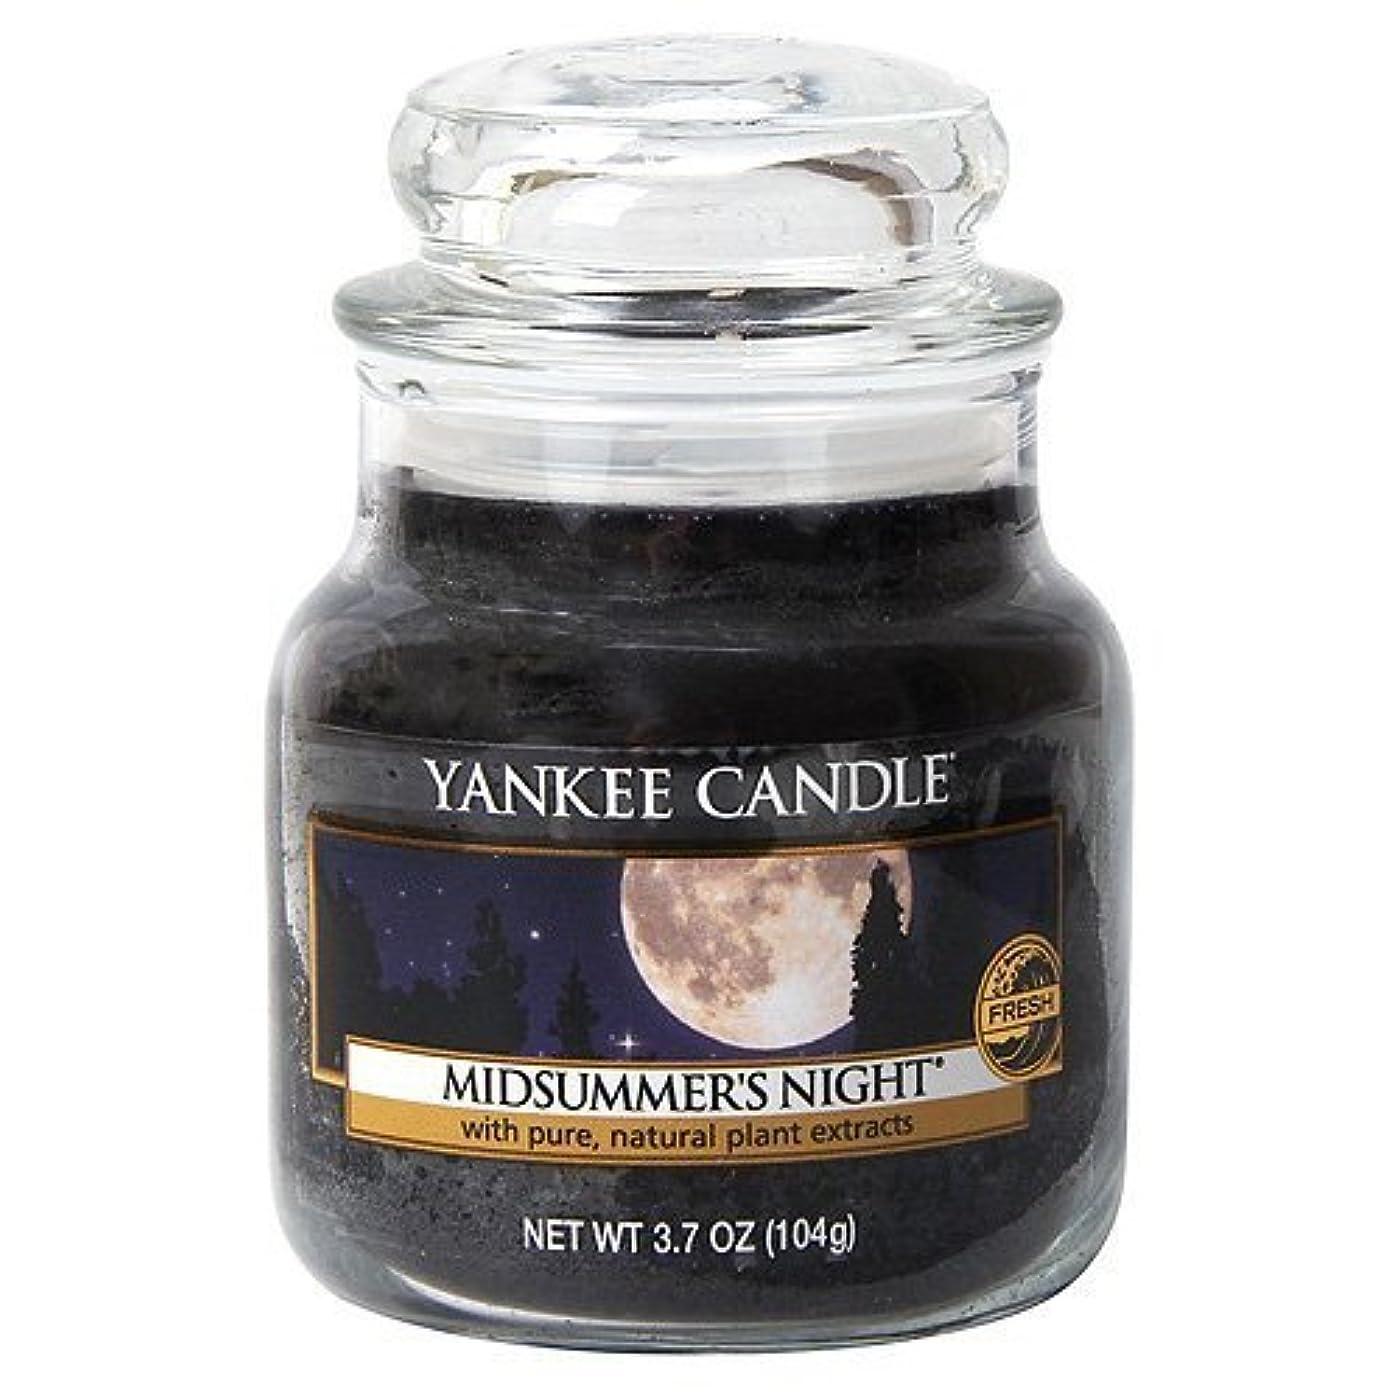 歯普通に断言するYankee Candle Midsummer's Night Small Jar Candle, Fresh Scent by Yankee Candle [並行輸入品]